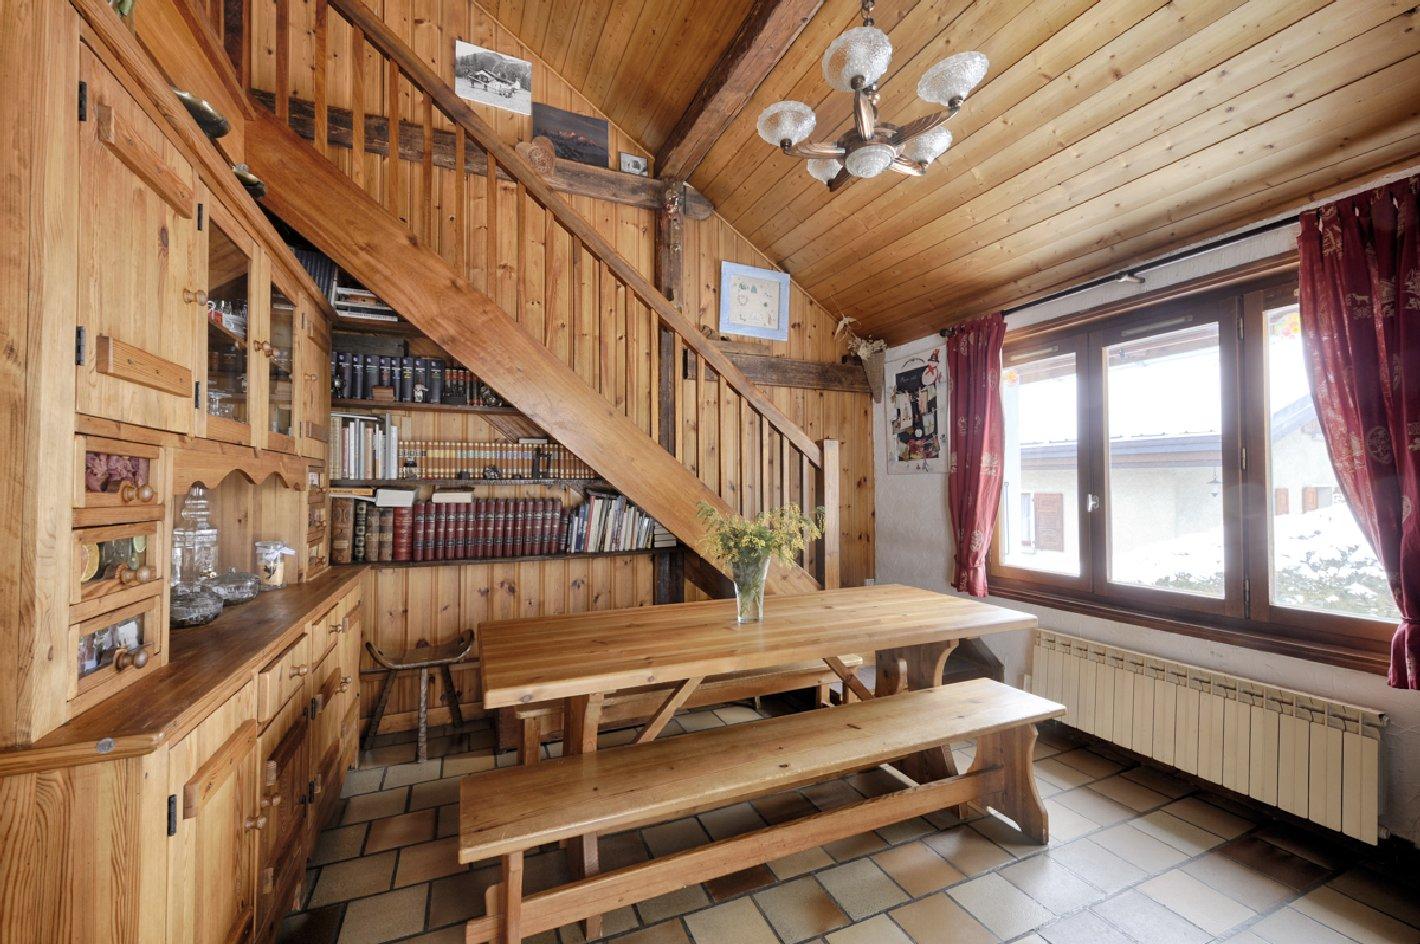 Vente Chalet À Chamonix Mt Blanc, 12 Pièces, 250 M2 dedans Vente Chalet Chamonix